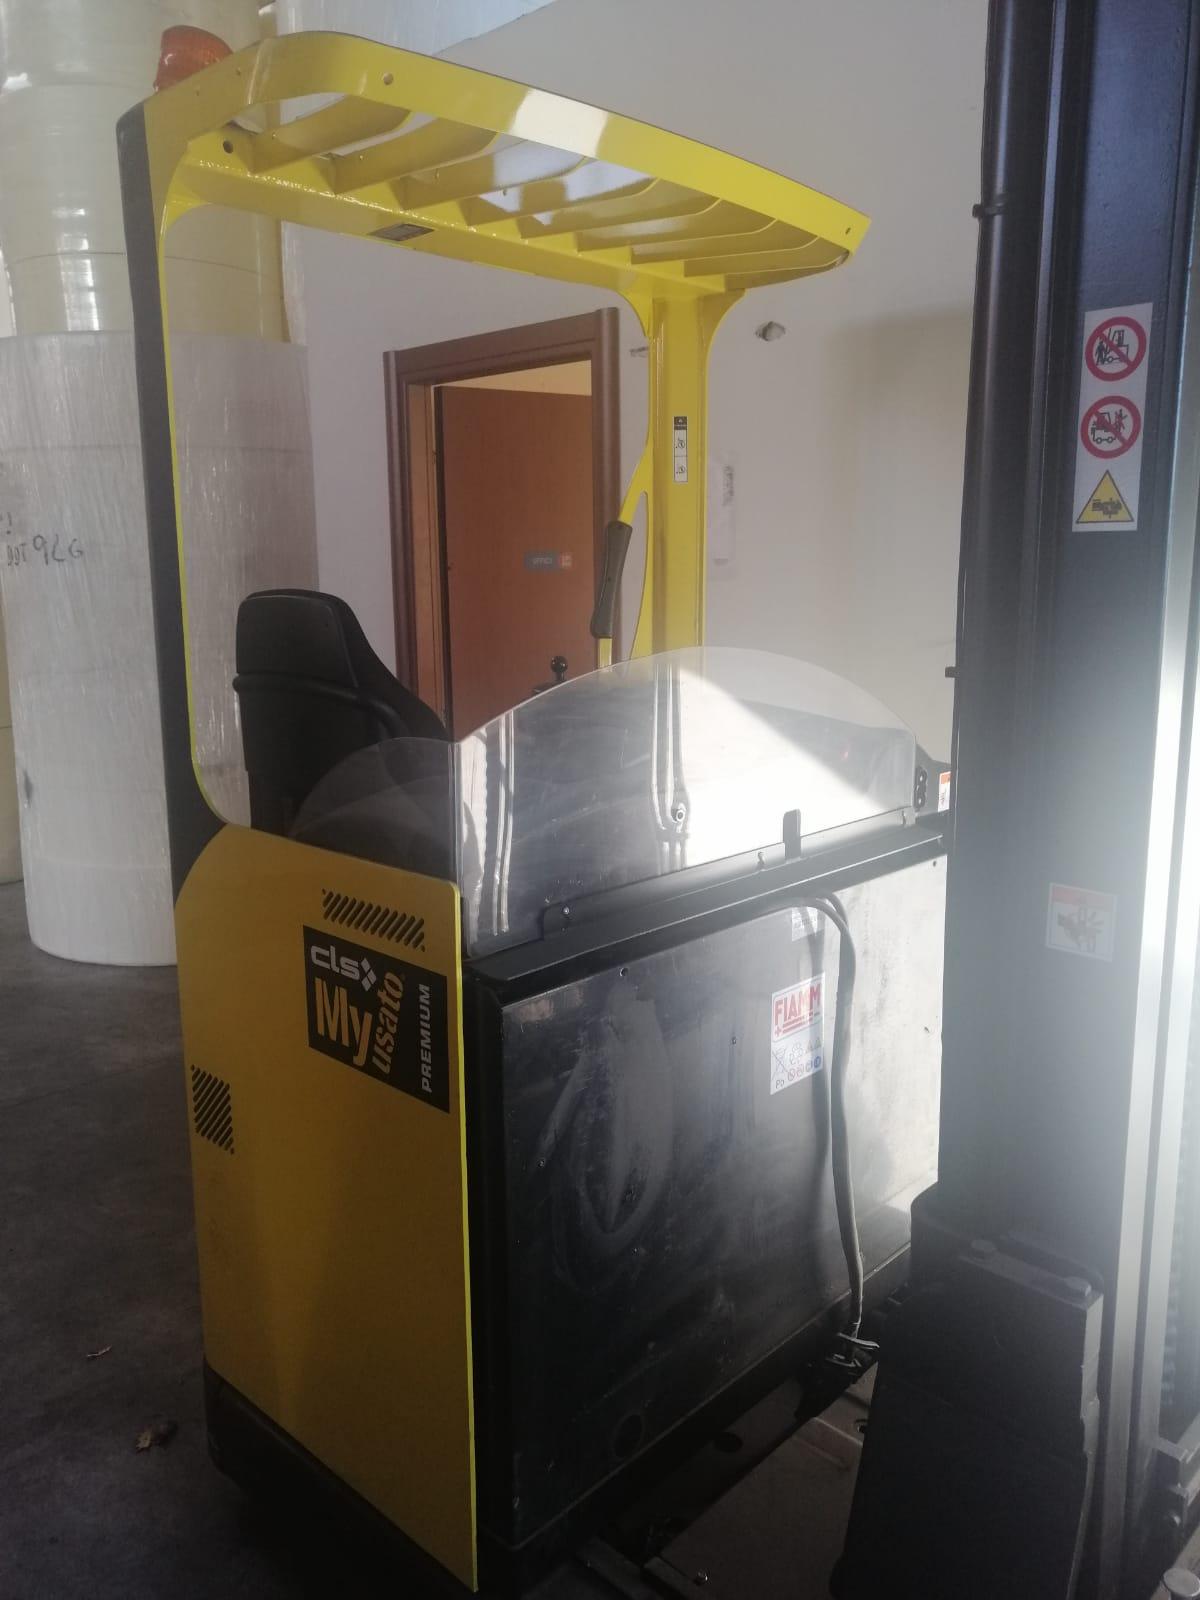 Carrello elevatore retrattile hyster  Modello r 1.4 in vendita - foto 2